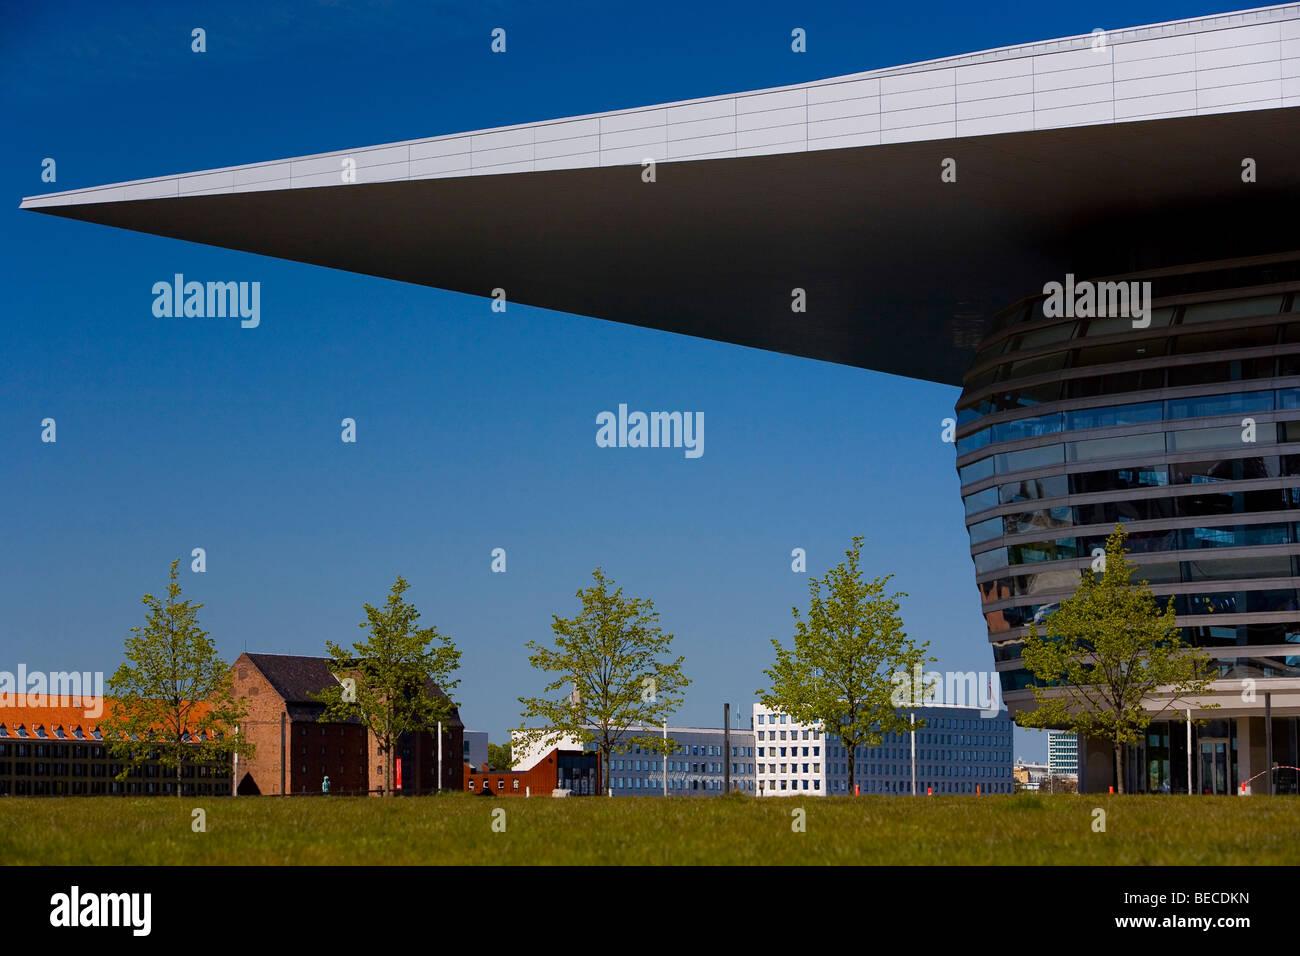 Seitenansicht des neuen Opernhauses in Kopenhagen, Dänemark, Europa Stockbild